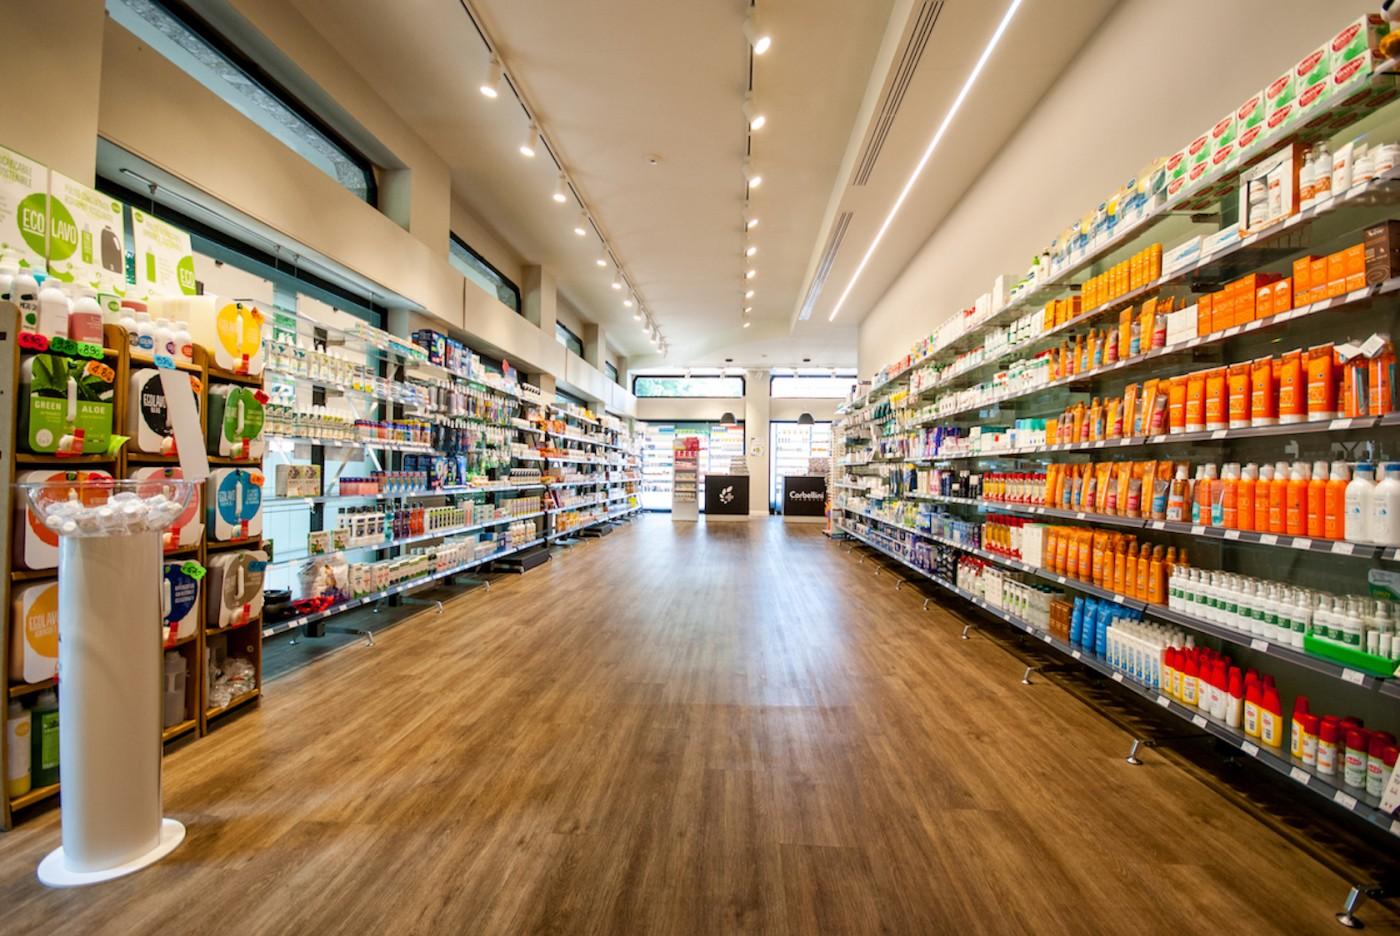 Arredamento Buongiorno Lodi farmacia corbellini | arredamento farmacie - arredo farmacie